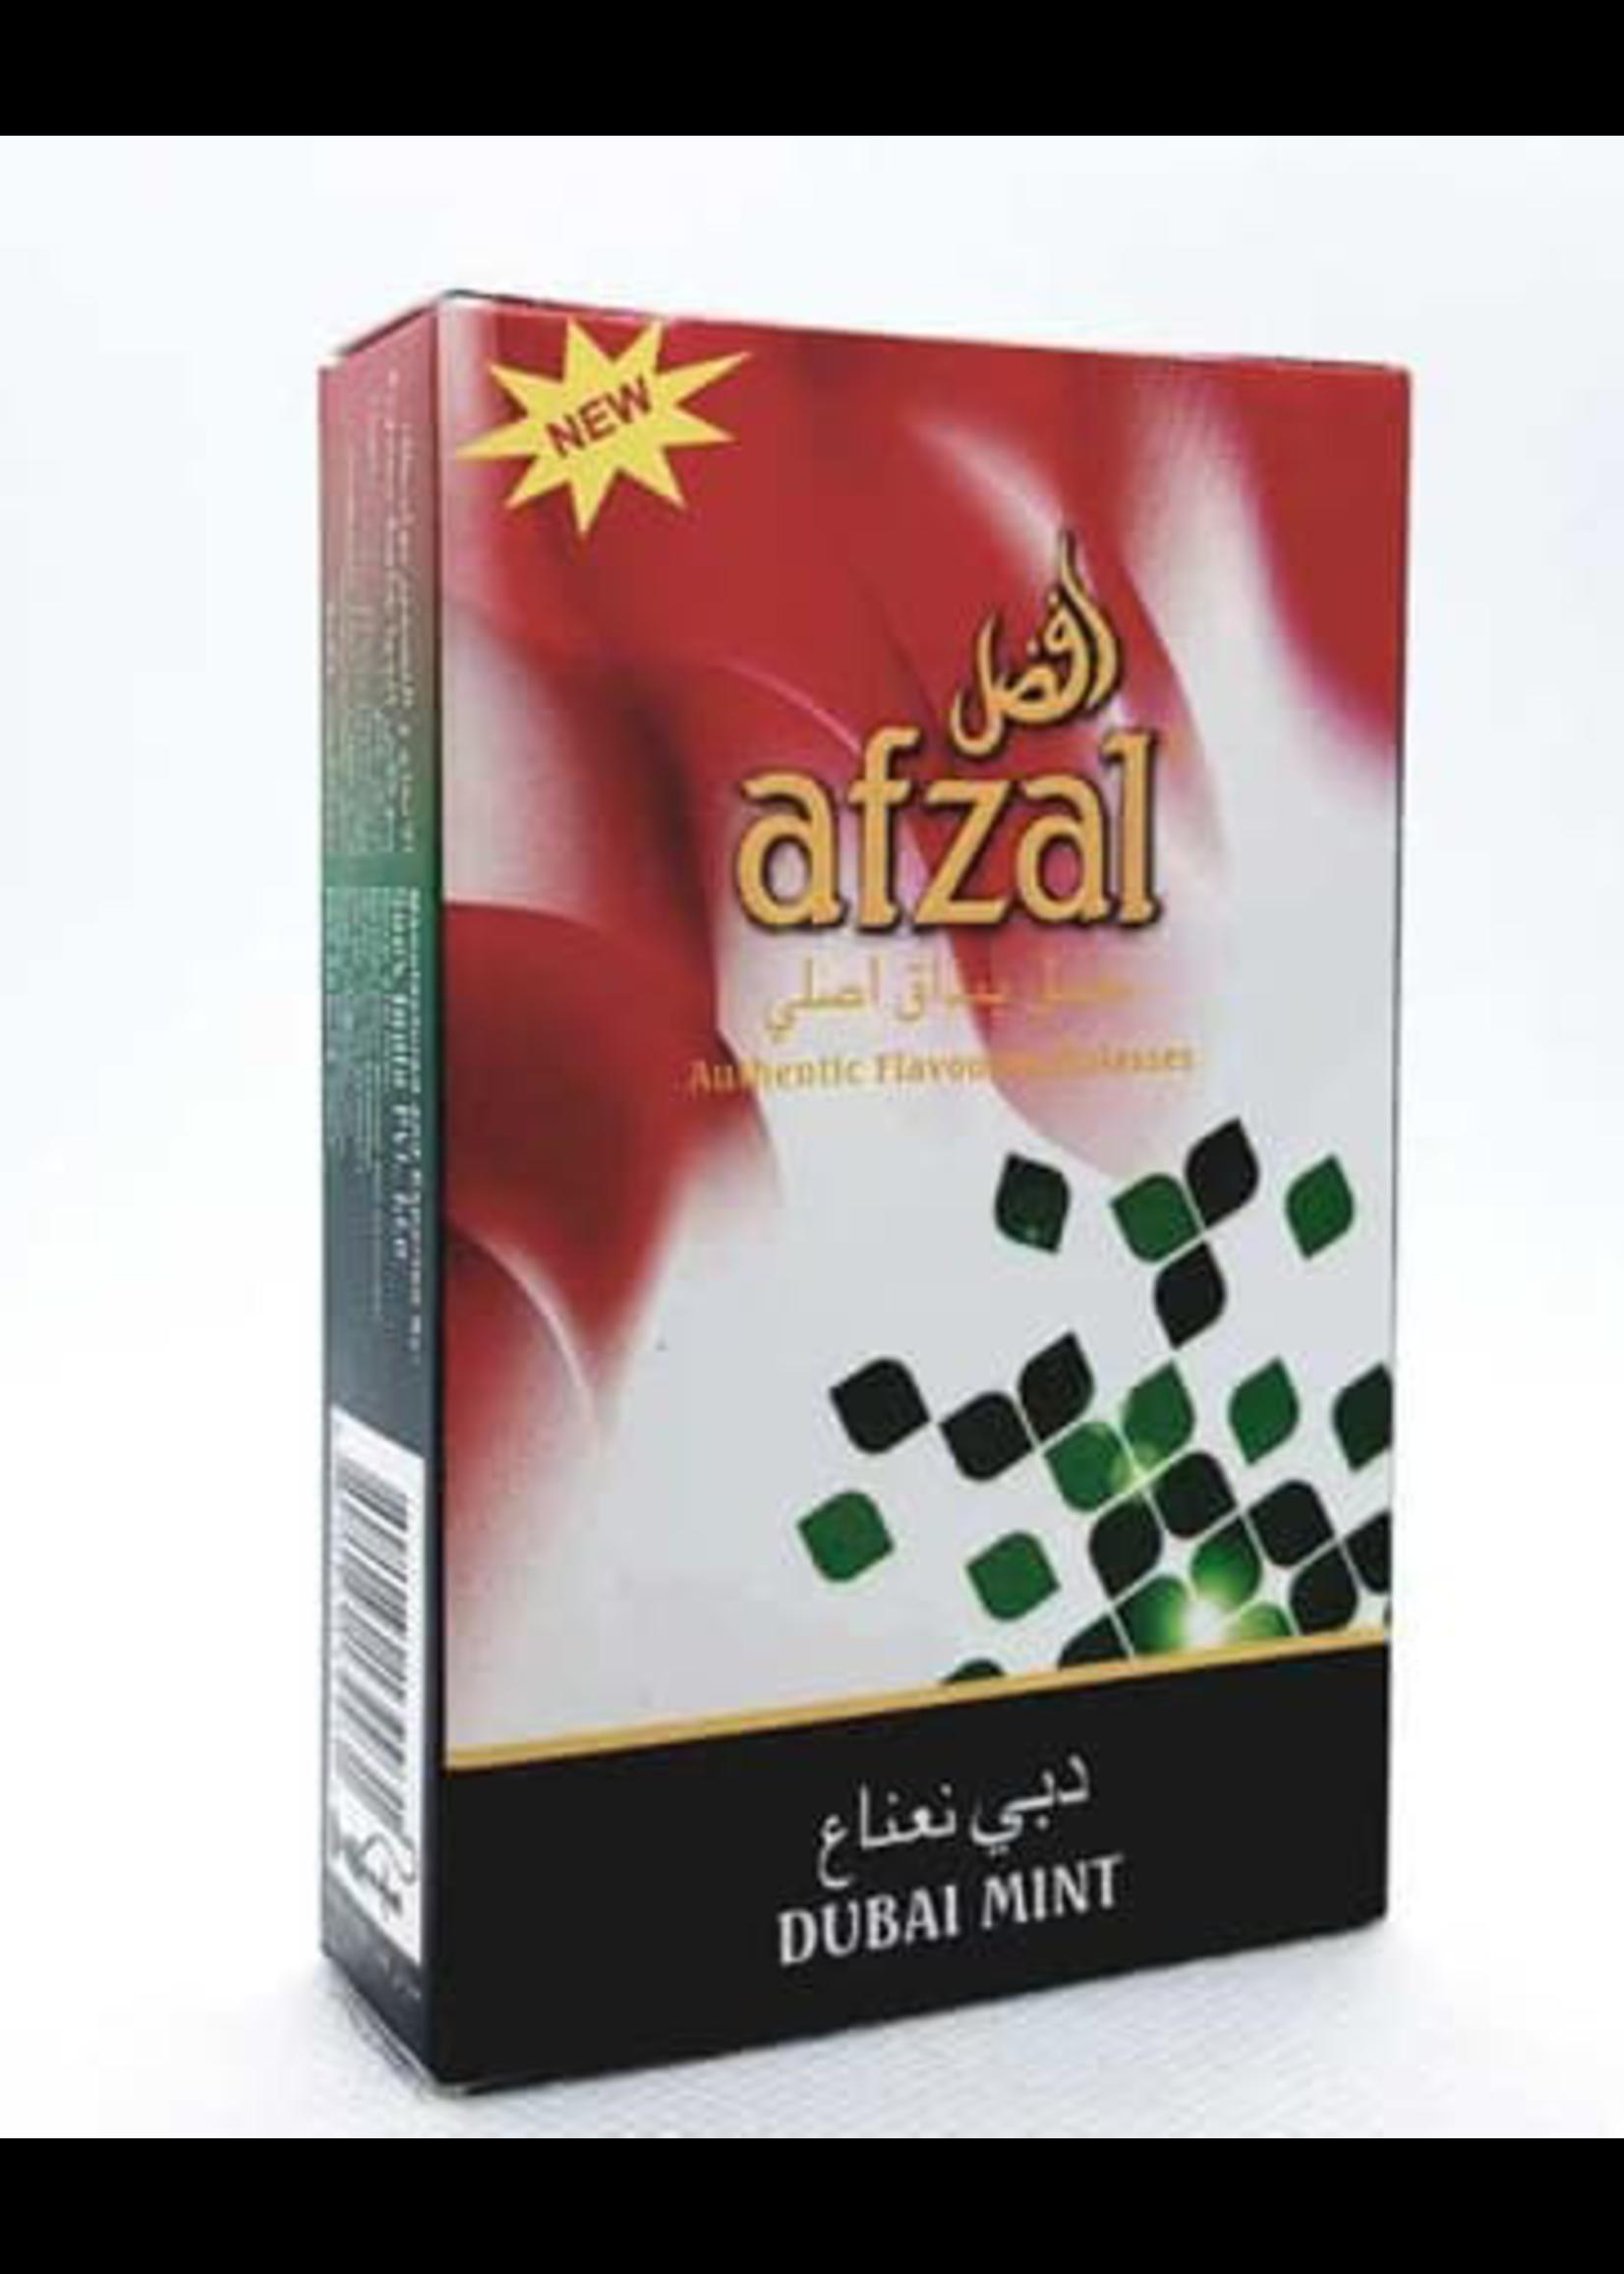 Afzal hubbly flavour - dubai mint